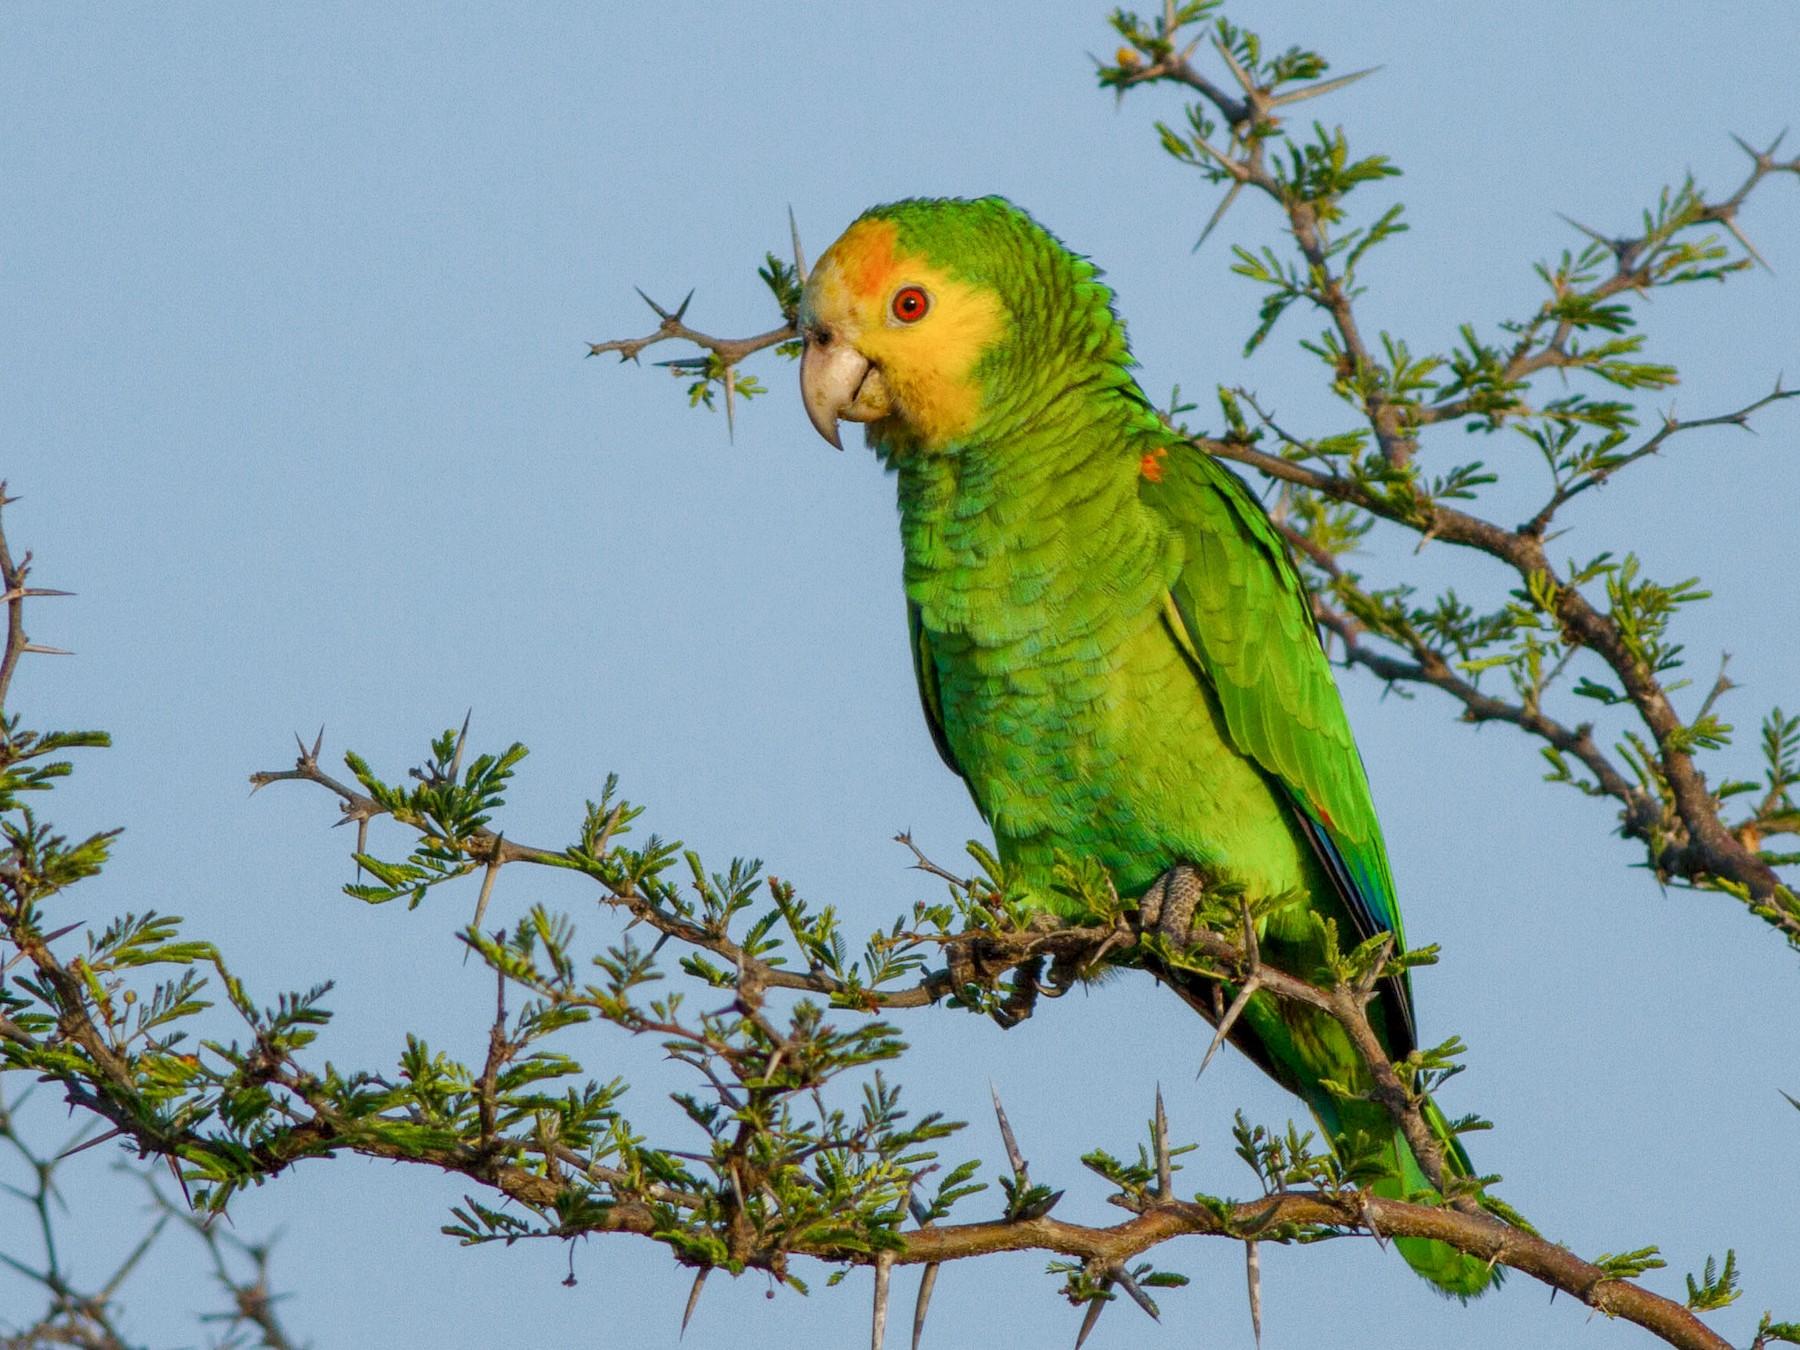 Yellow-shouldered Parrot - Jeff Gerbracht